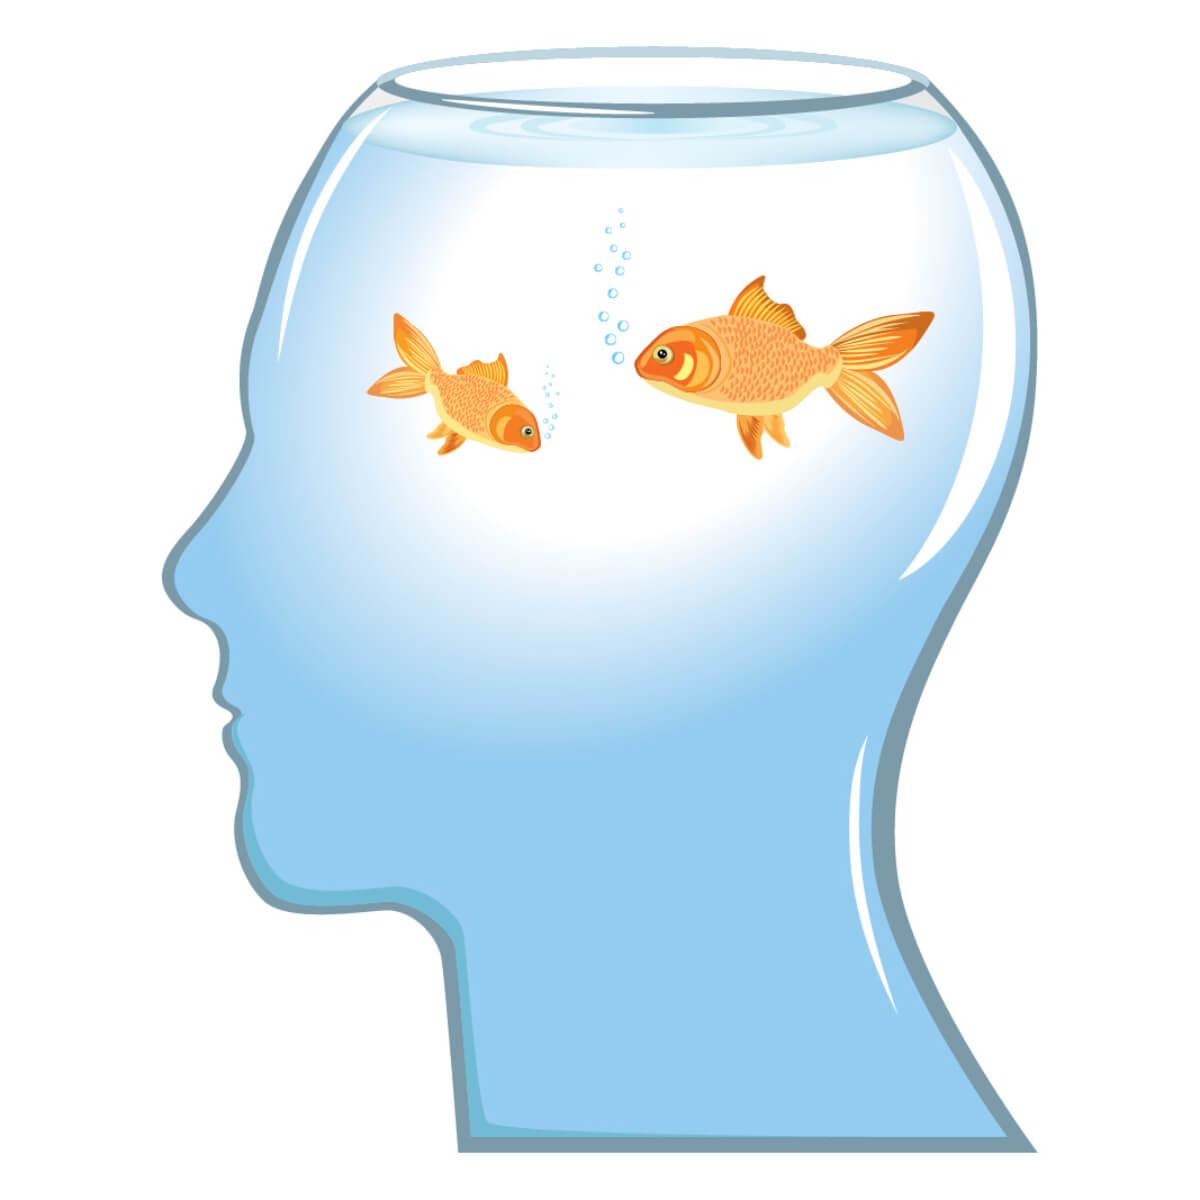 El mito de que los peces no tienen memoria es mentira.